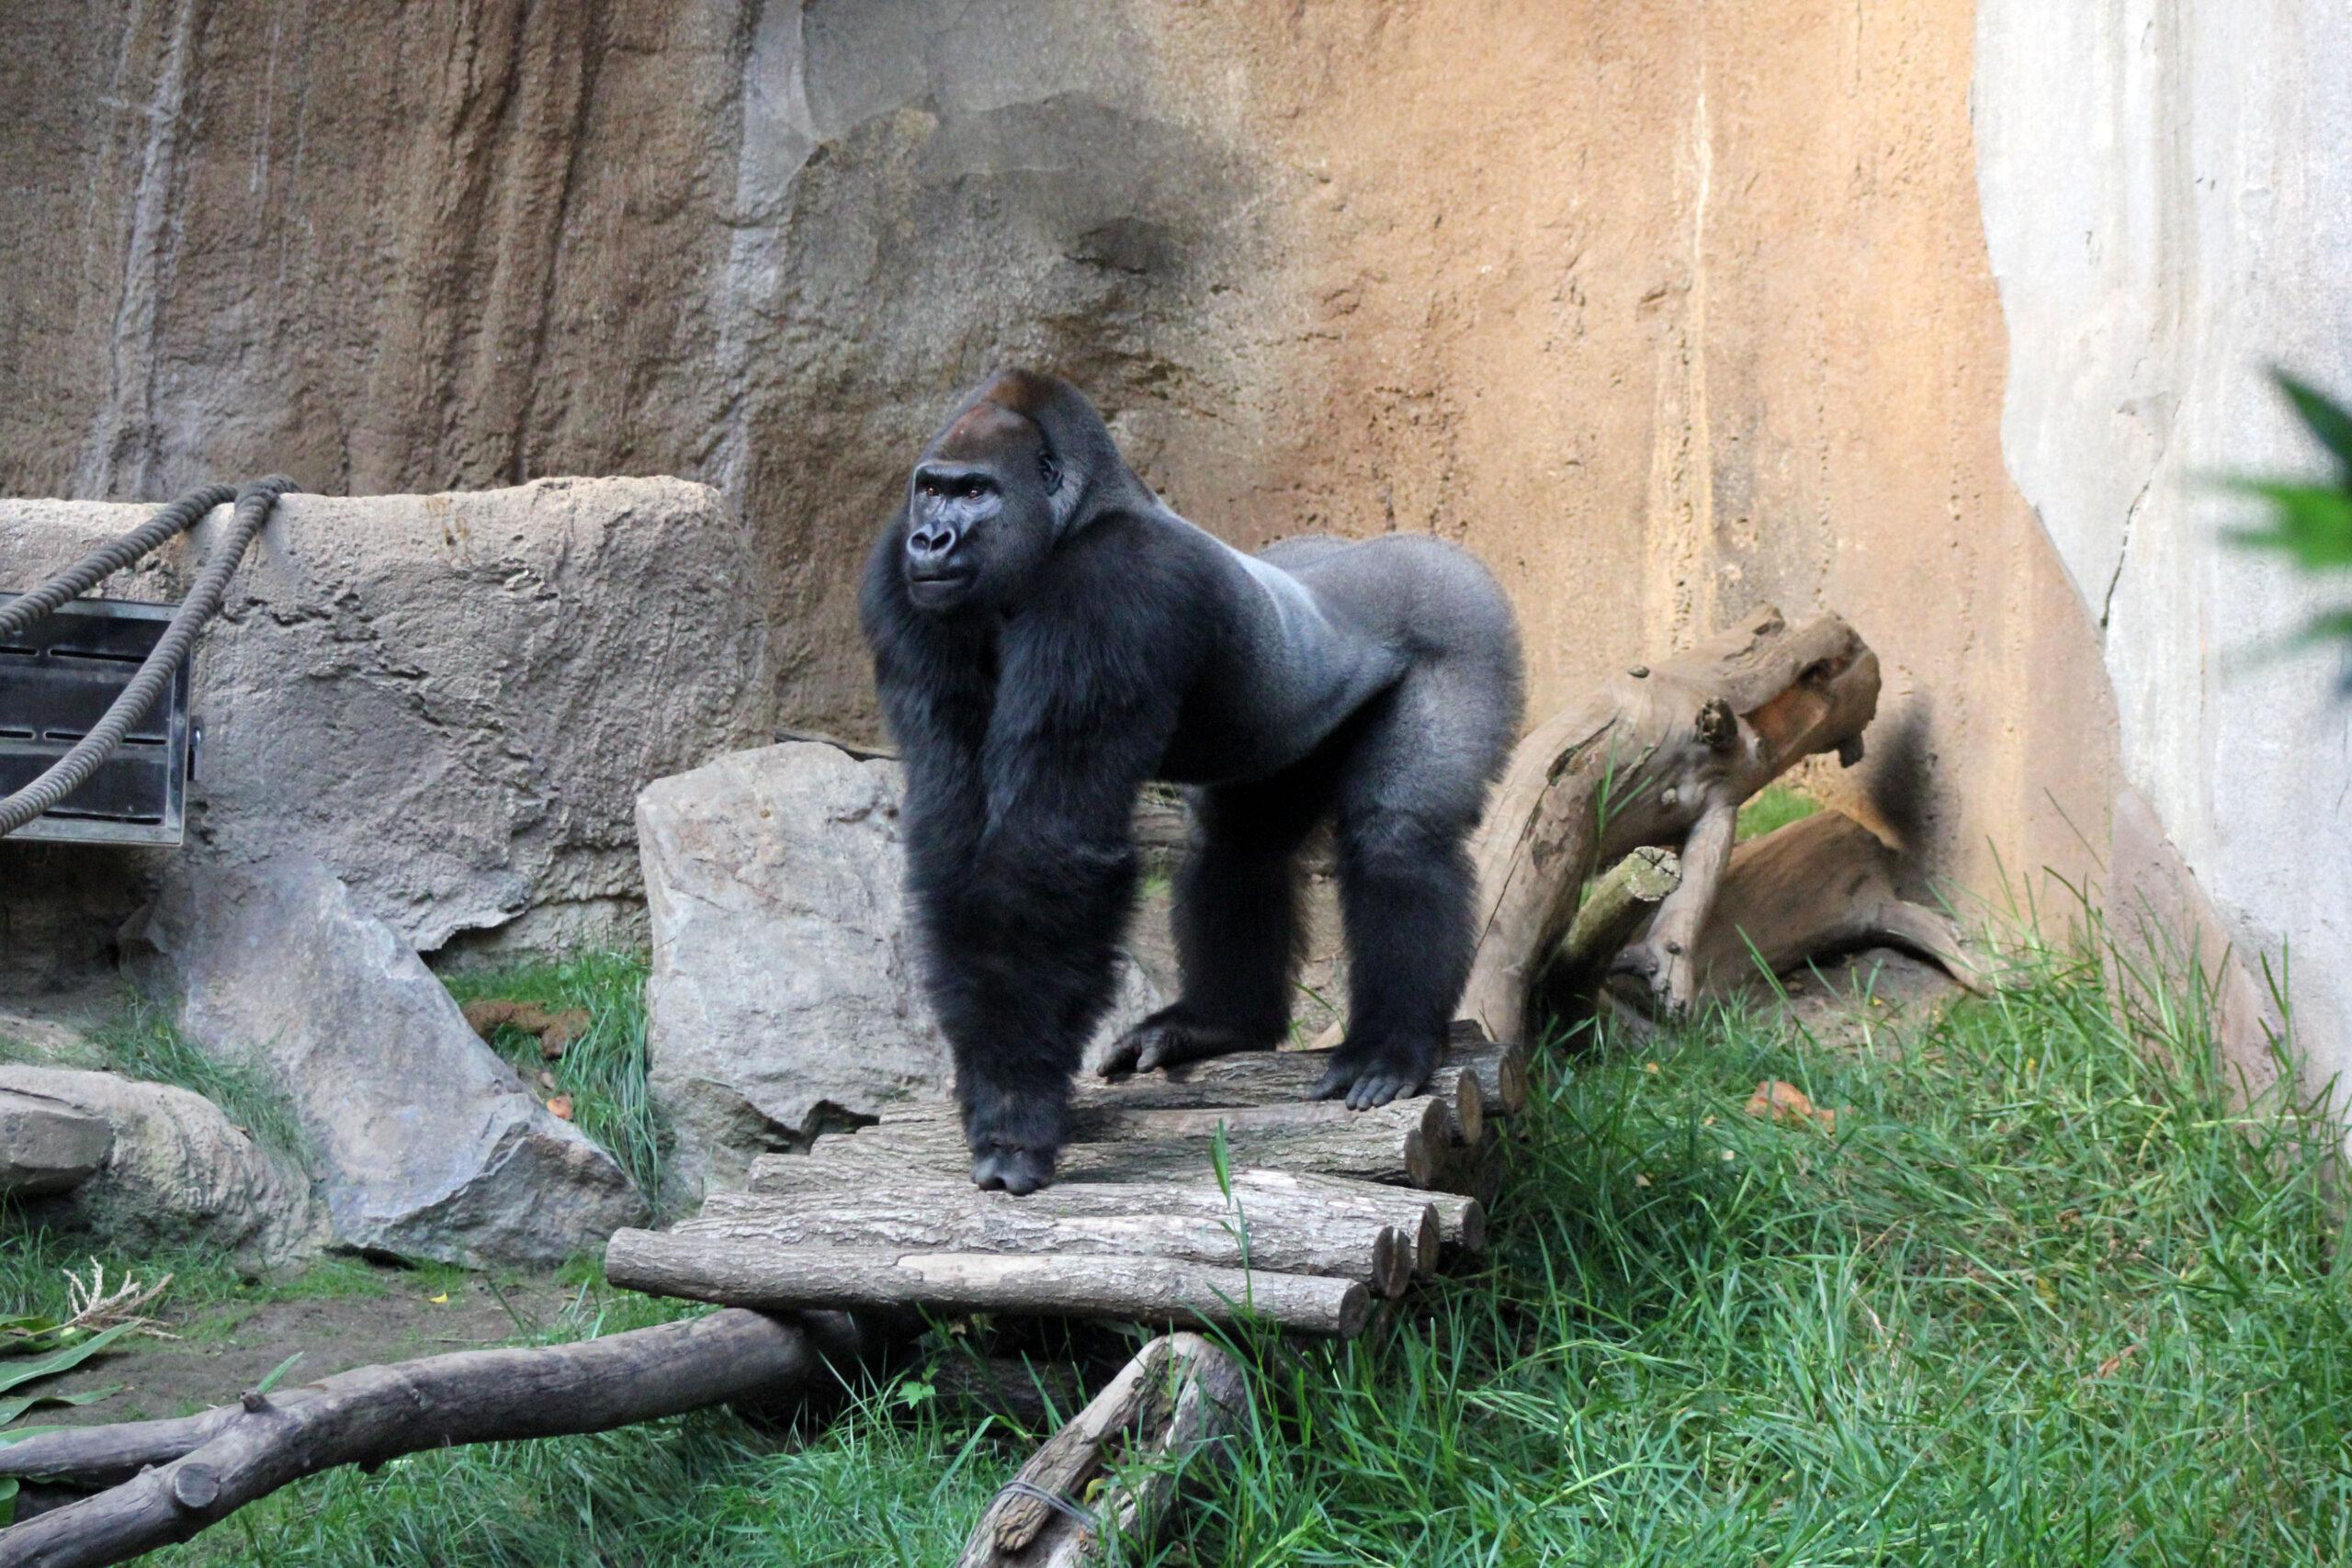 Audiospaziergang durch den Zoo Leipzig: Ein Gorillamännchen steht auf allen Vieren im Gehege und schaut aufmerksam in die Ferne. Sein Rücken ist silber, seine Statur sehr kräftig. Um ihn herum befinden sich Äste, große Steine und Seile zum Klettern.